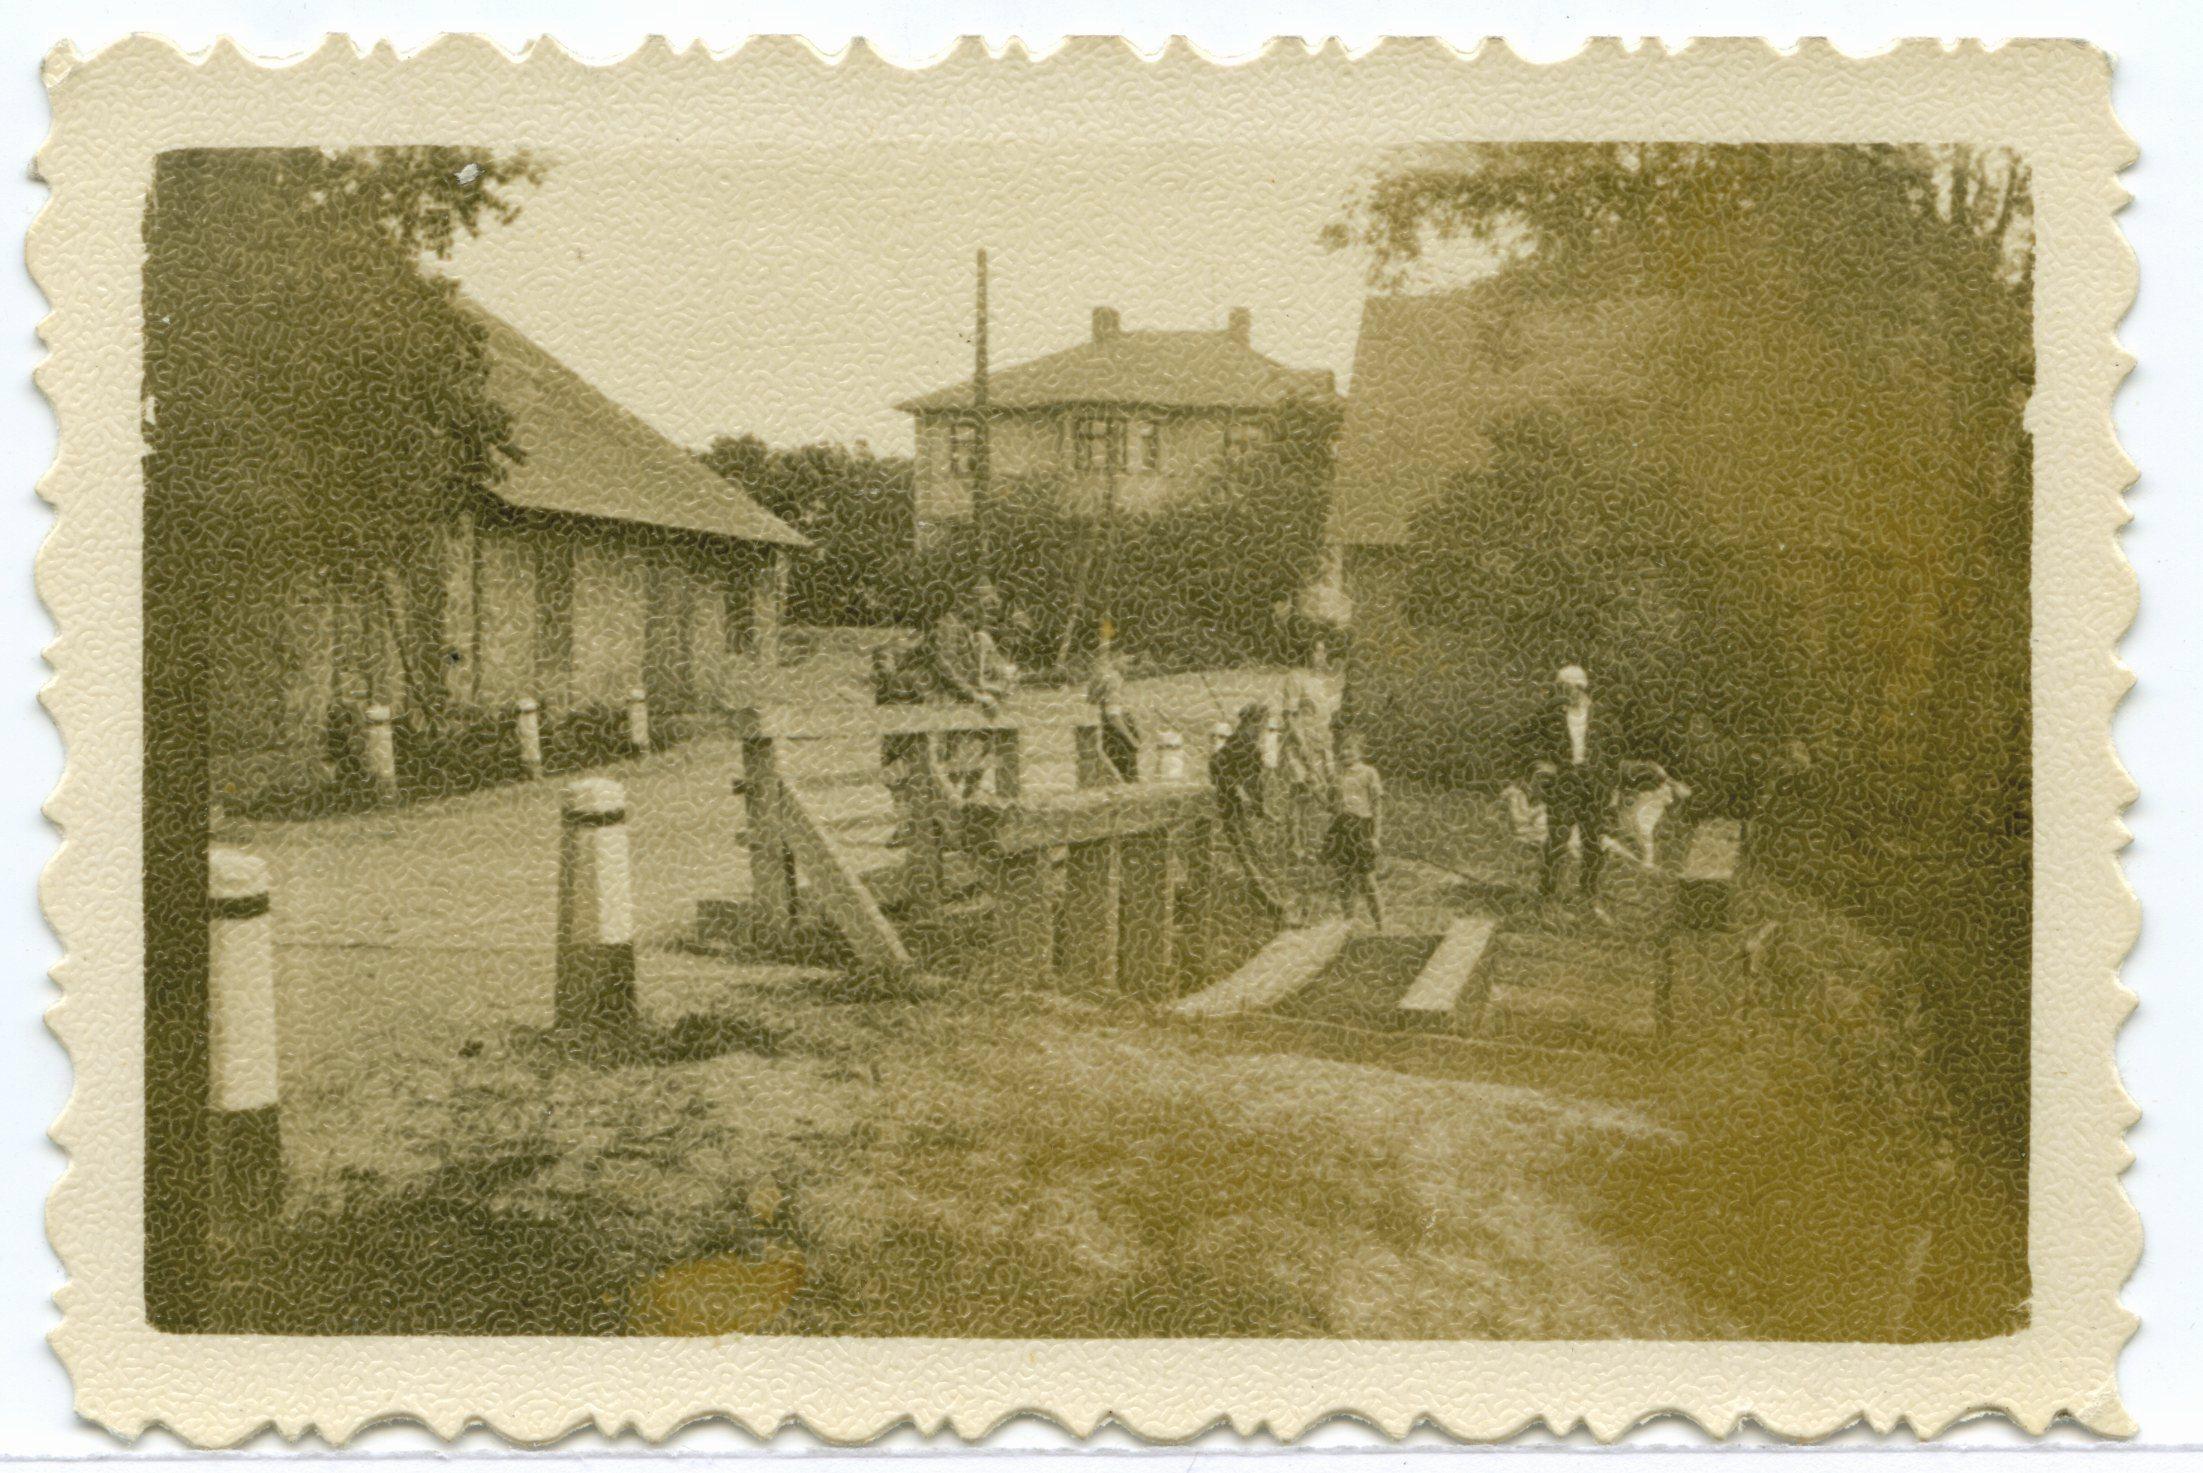 Skats no tilta uz dzirnavām (kreisajā malā) un dzirnavnieka māju. 20. gs. 50. gadi.